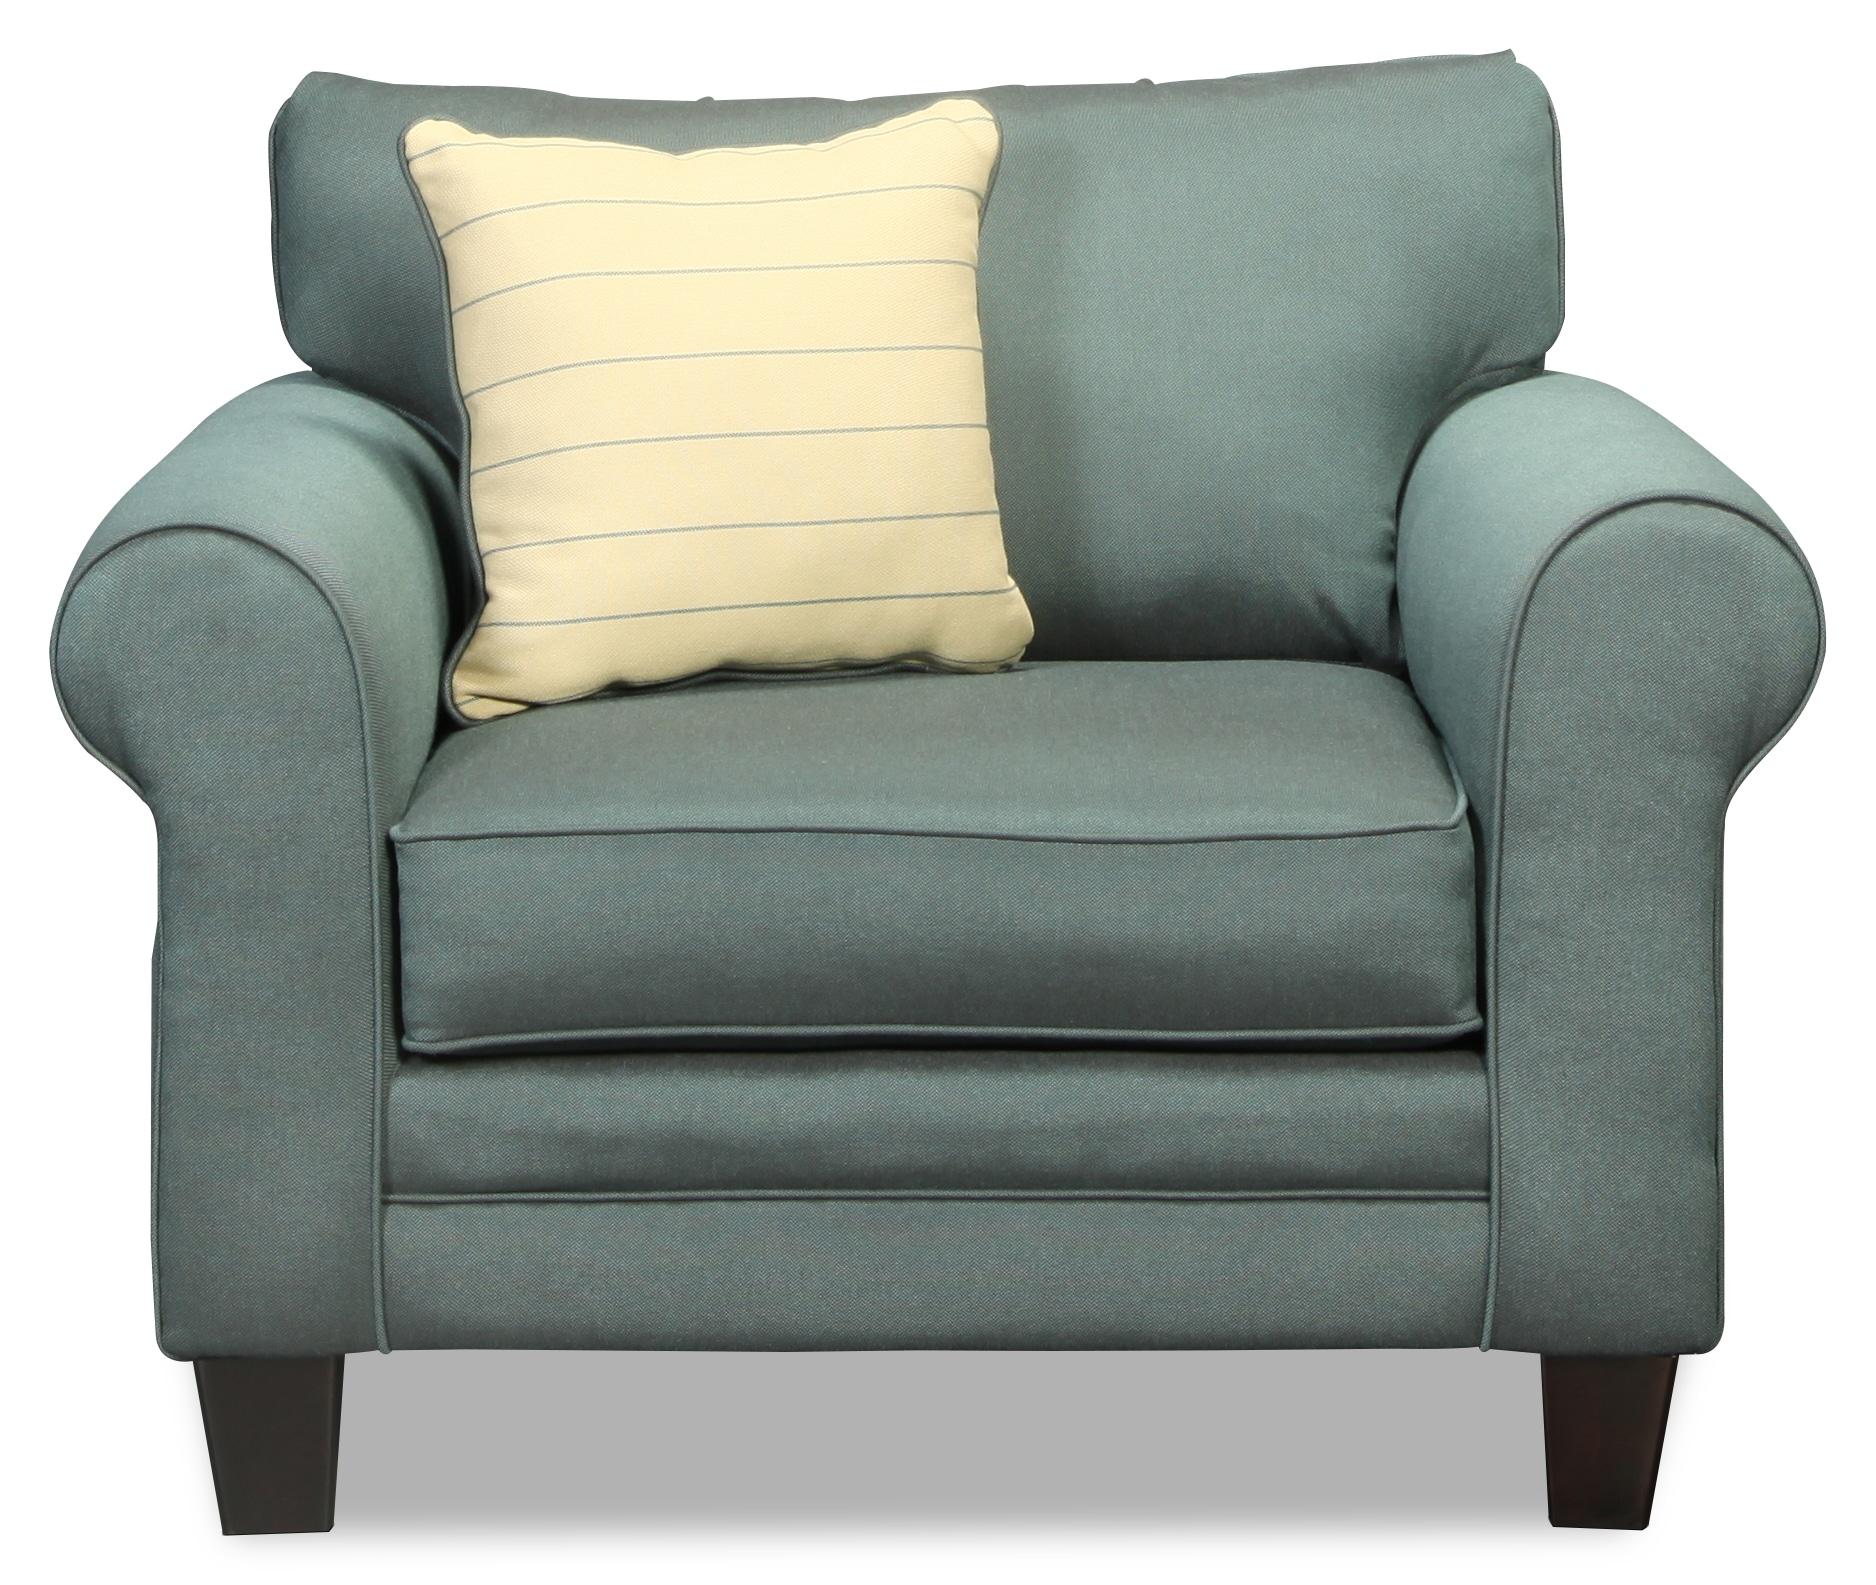 Aspire Chair - Teal